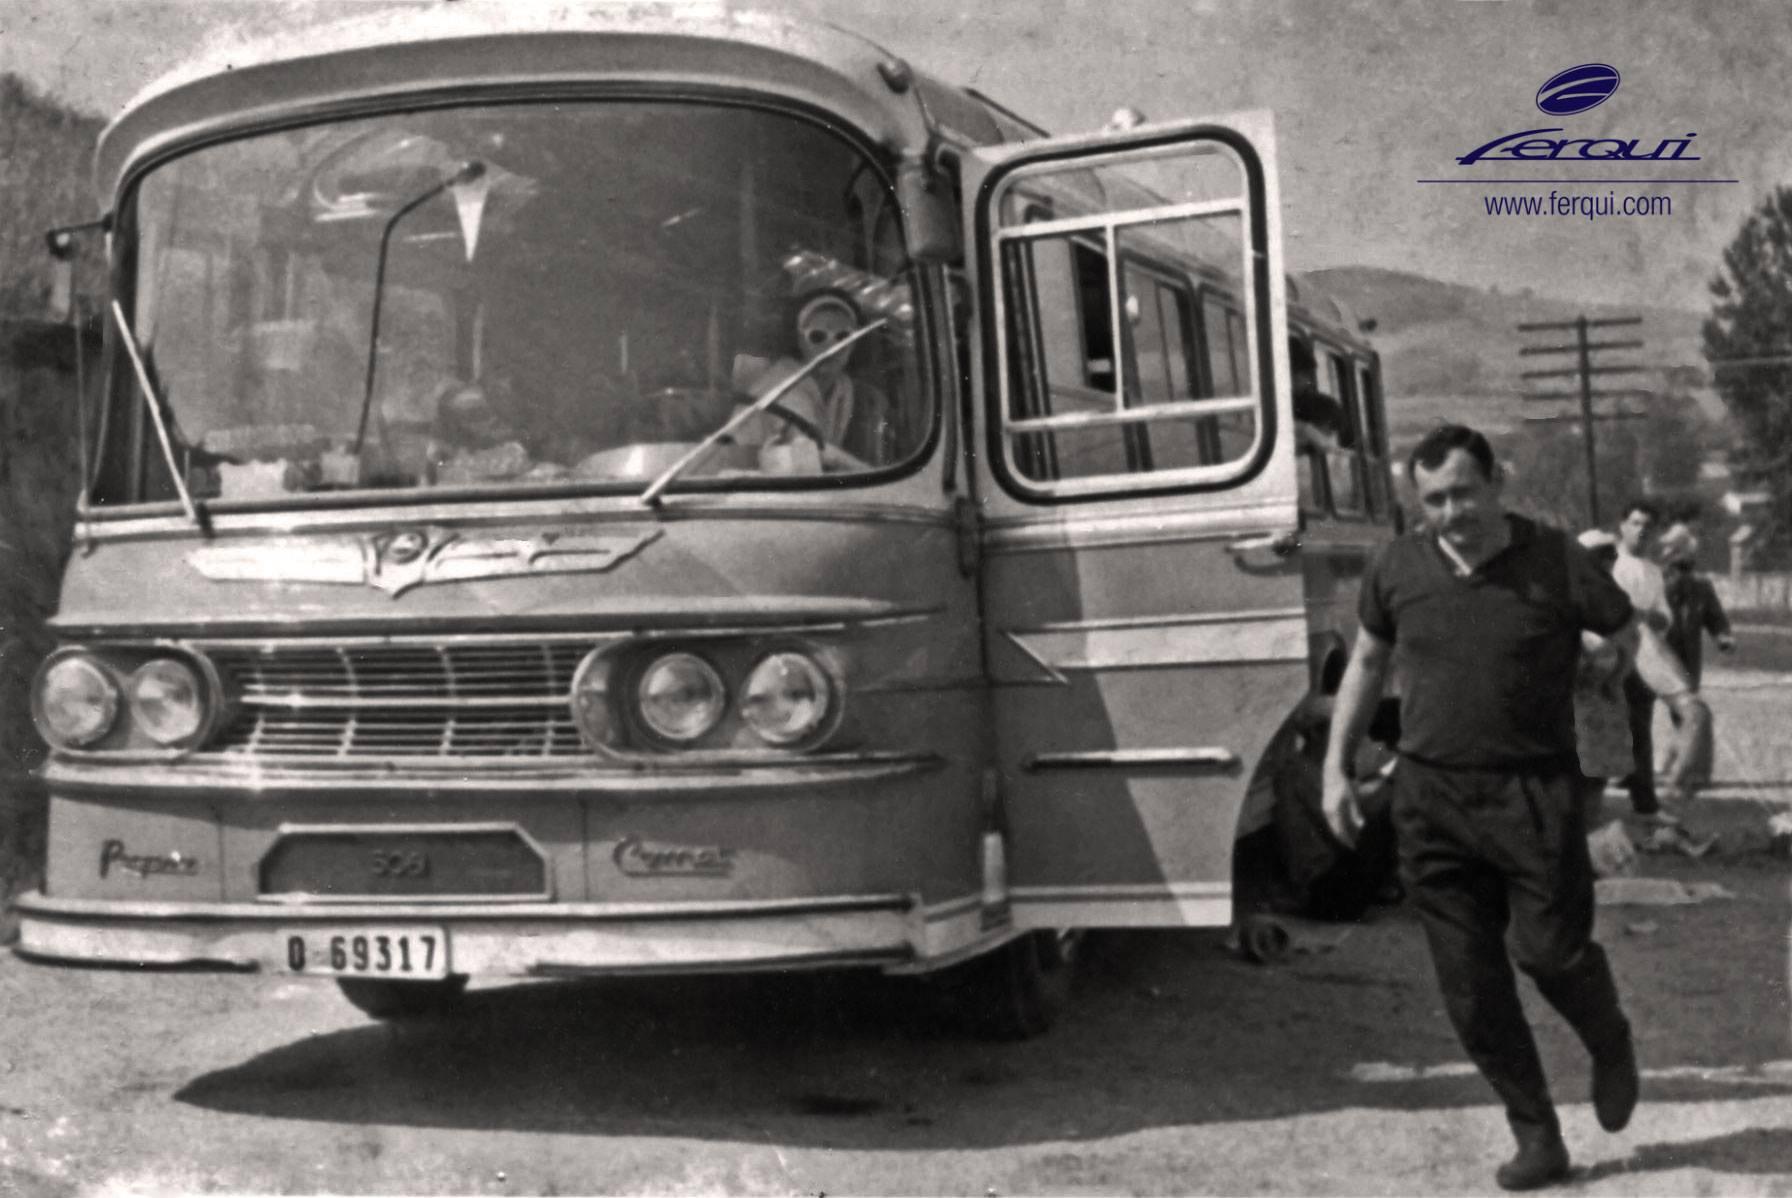 1965-Pegaso-Comet-carr-augustus